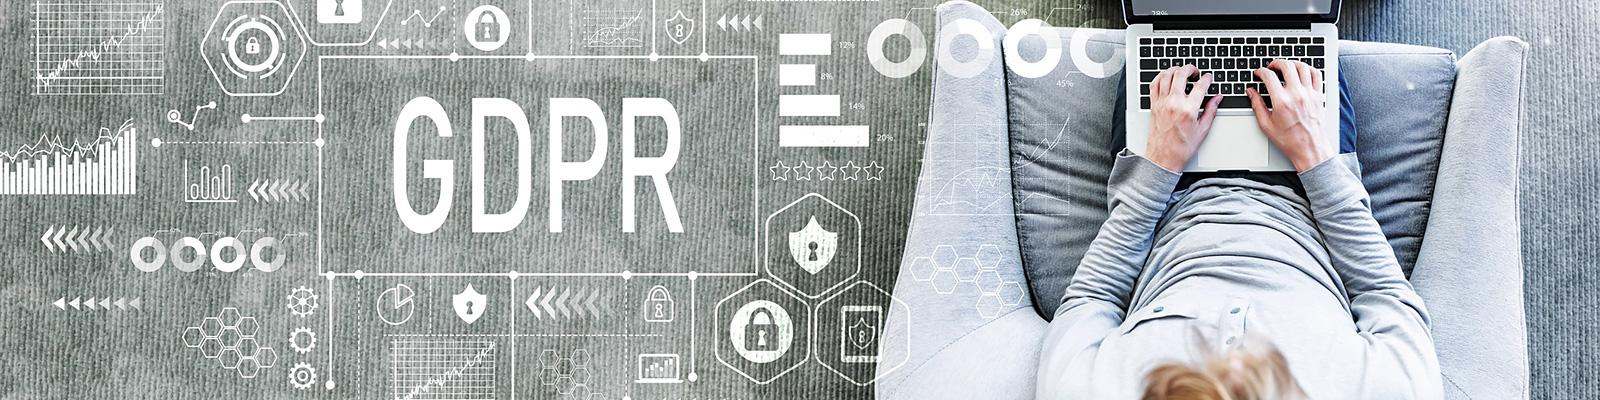 GDPR 消費者 インターネット イメージ